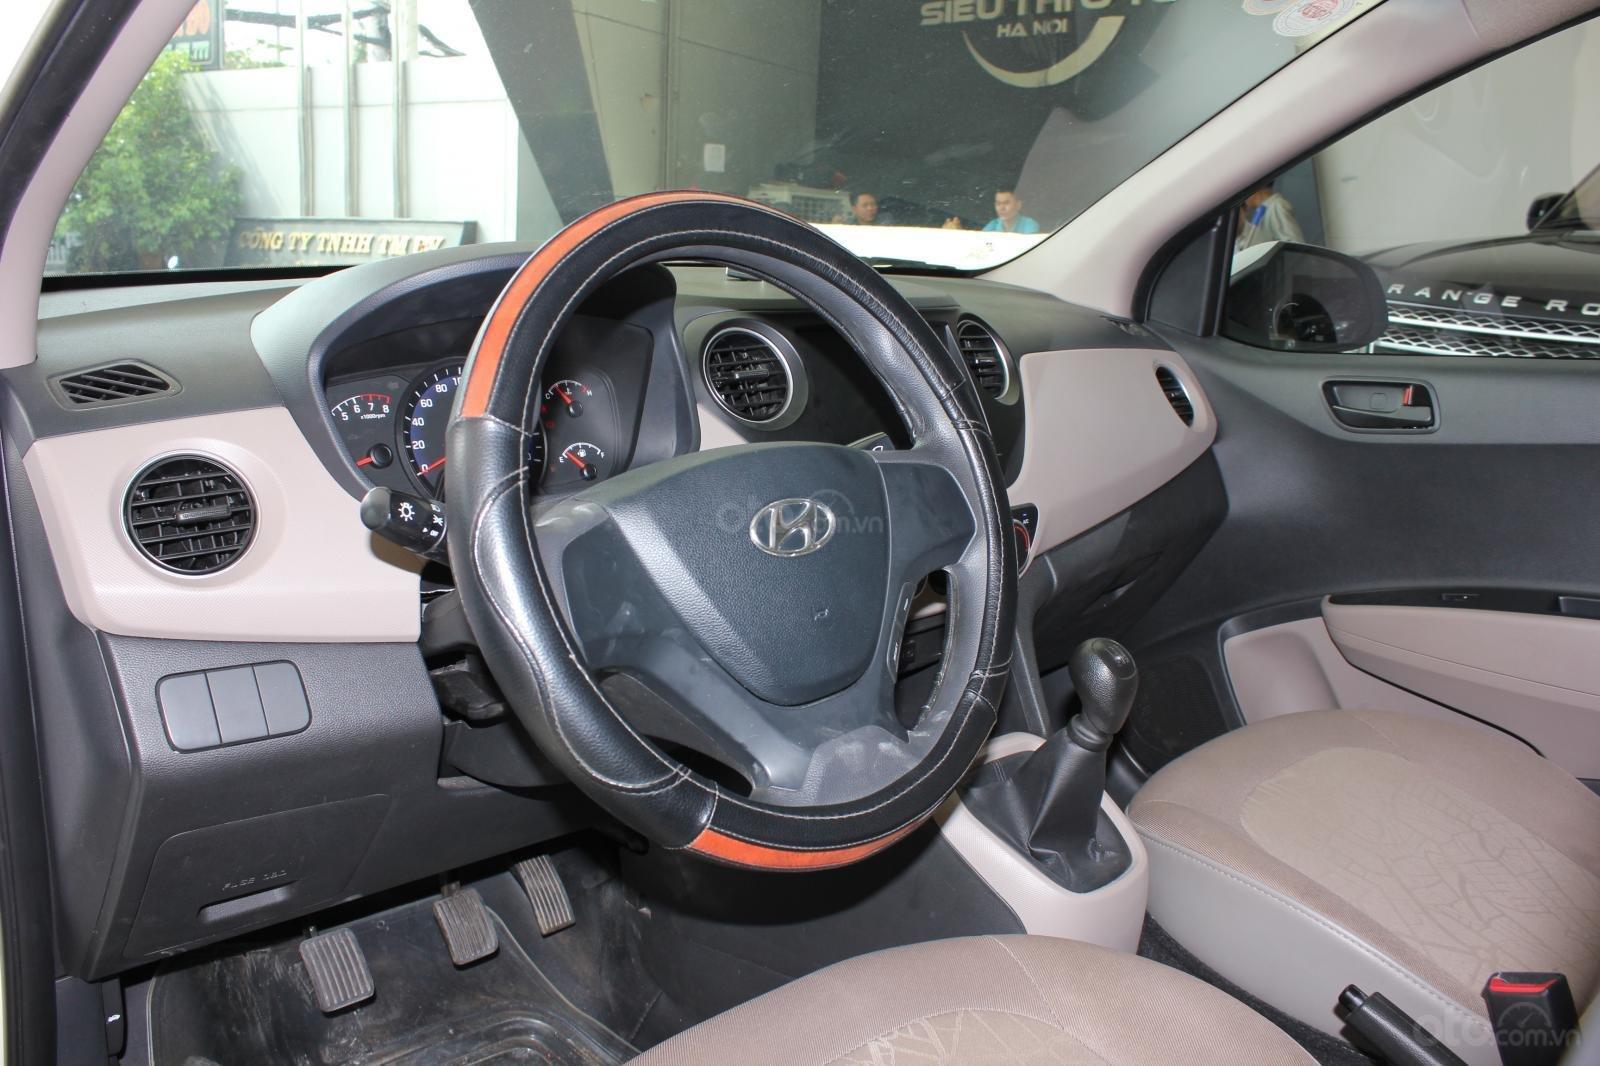 Cần bán xe Hyundai Grand i10 1.2 MT, năm 2018, màu trắng, giá 335tr (8)